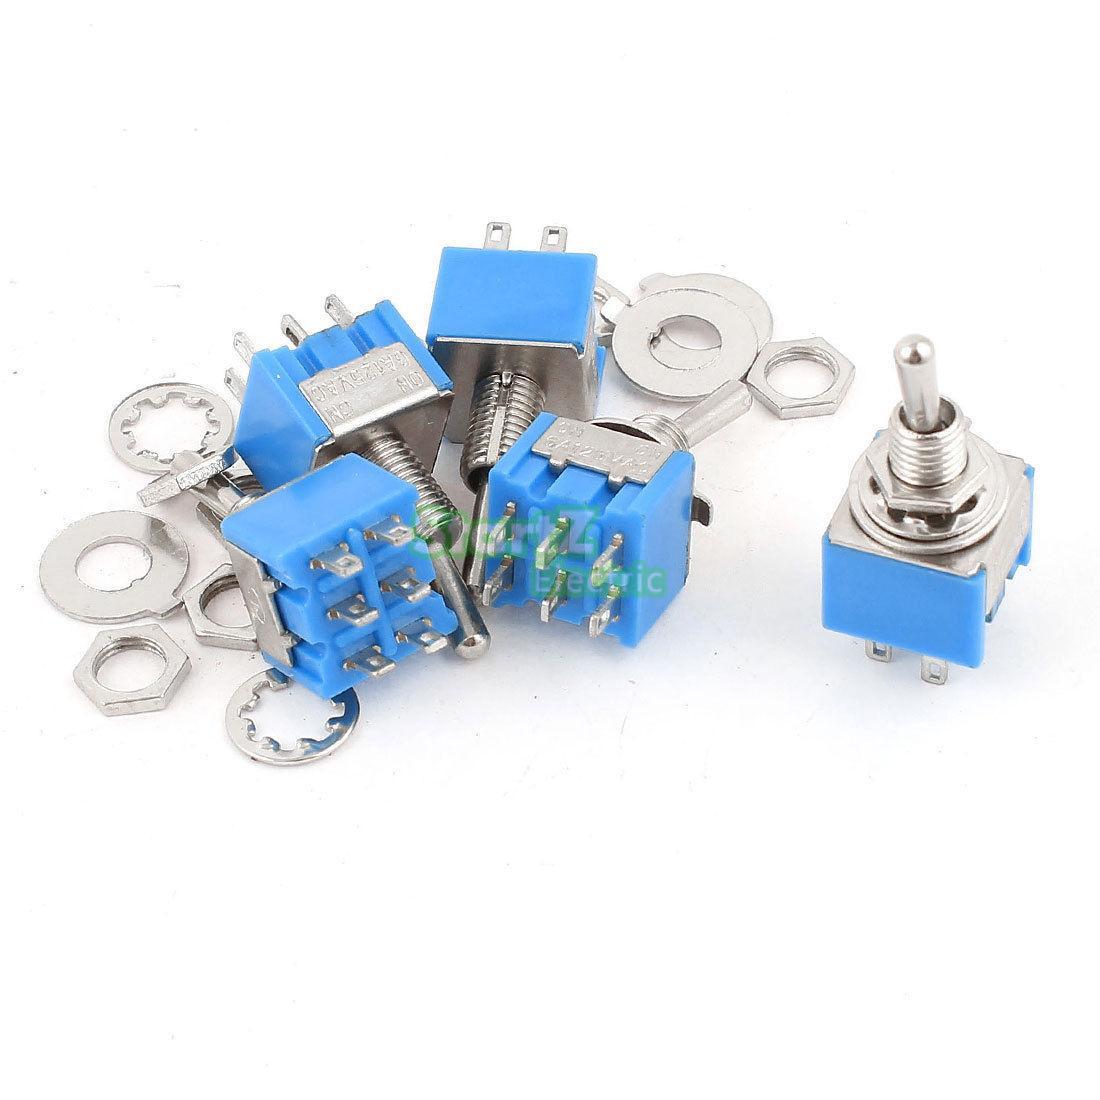 5 шт., миниатюрный выключатель DPDT ON-OFF-ON, 3 позиции, 6 контактов, с защелкой, 125 В переменного тока, 6A